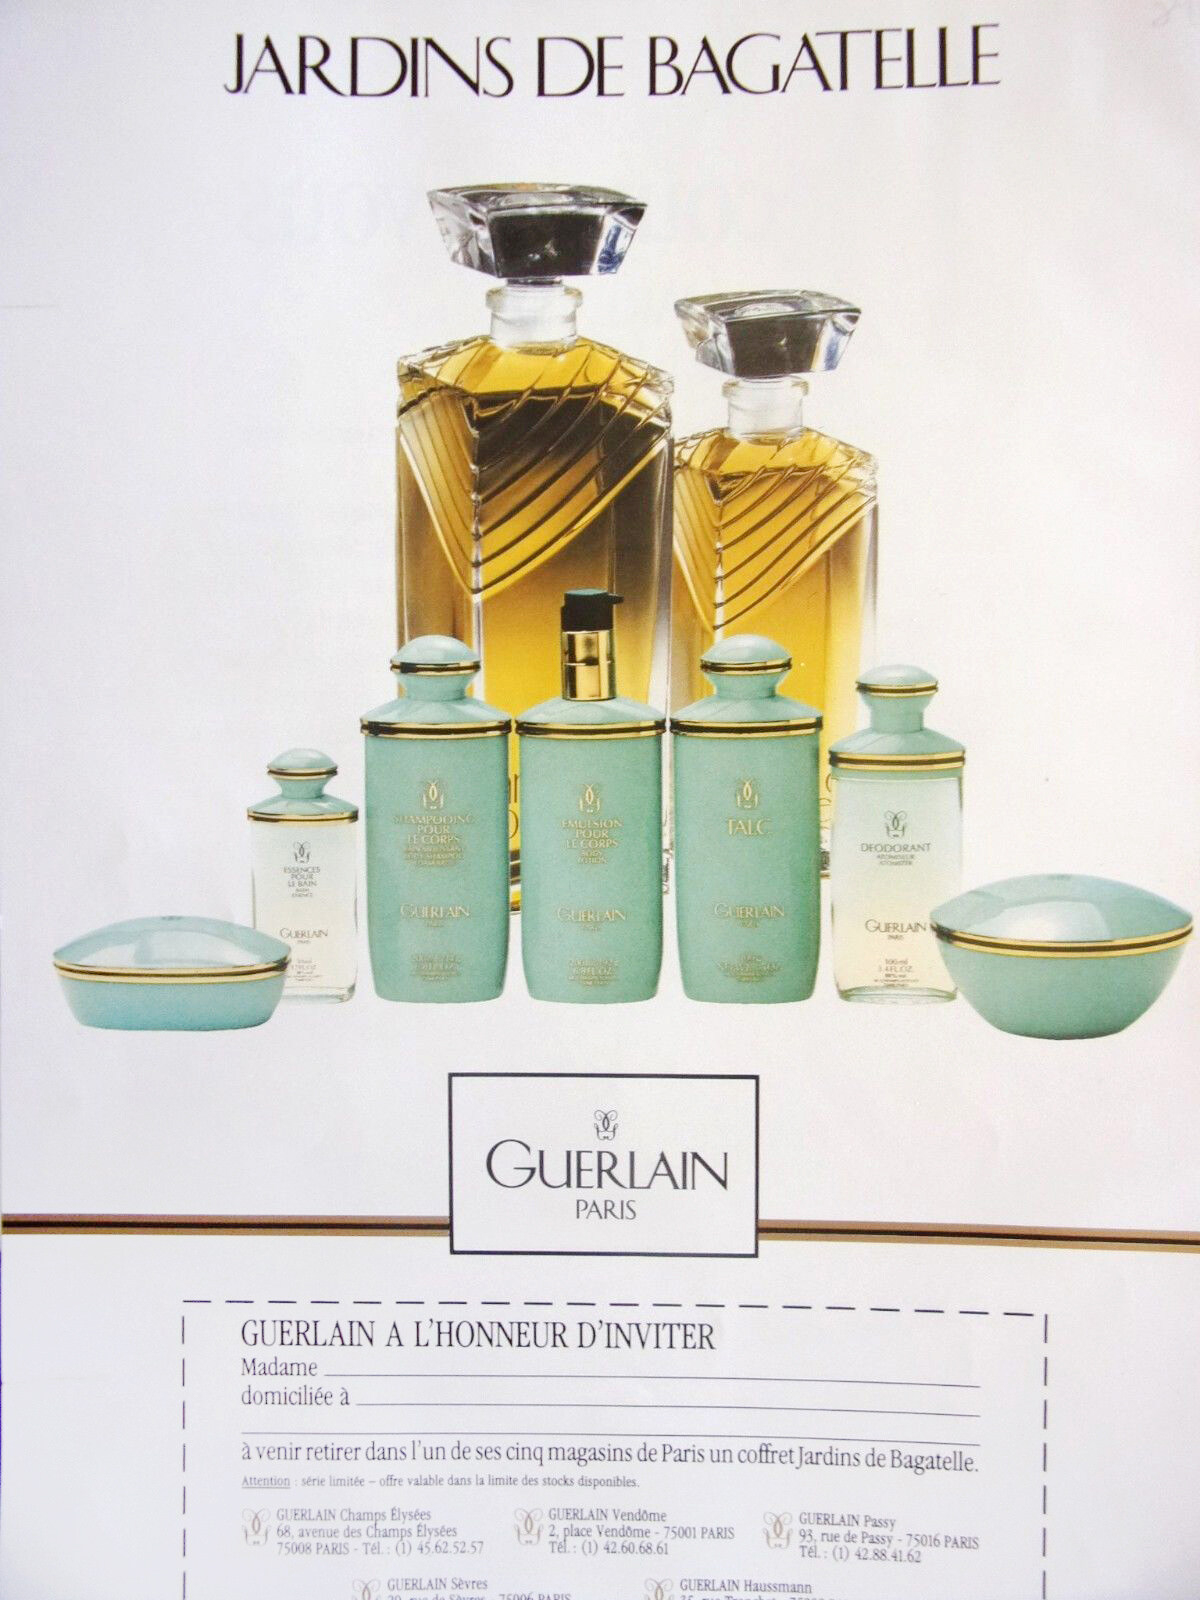 Guerlain - Jardins De Bagatelle Eau De Toilette | Reviews concernant Jardin De Bagatelle Guerlain